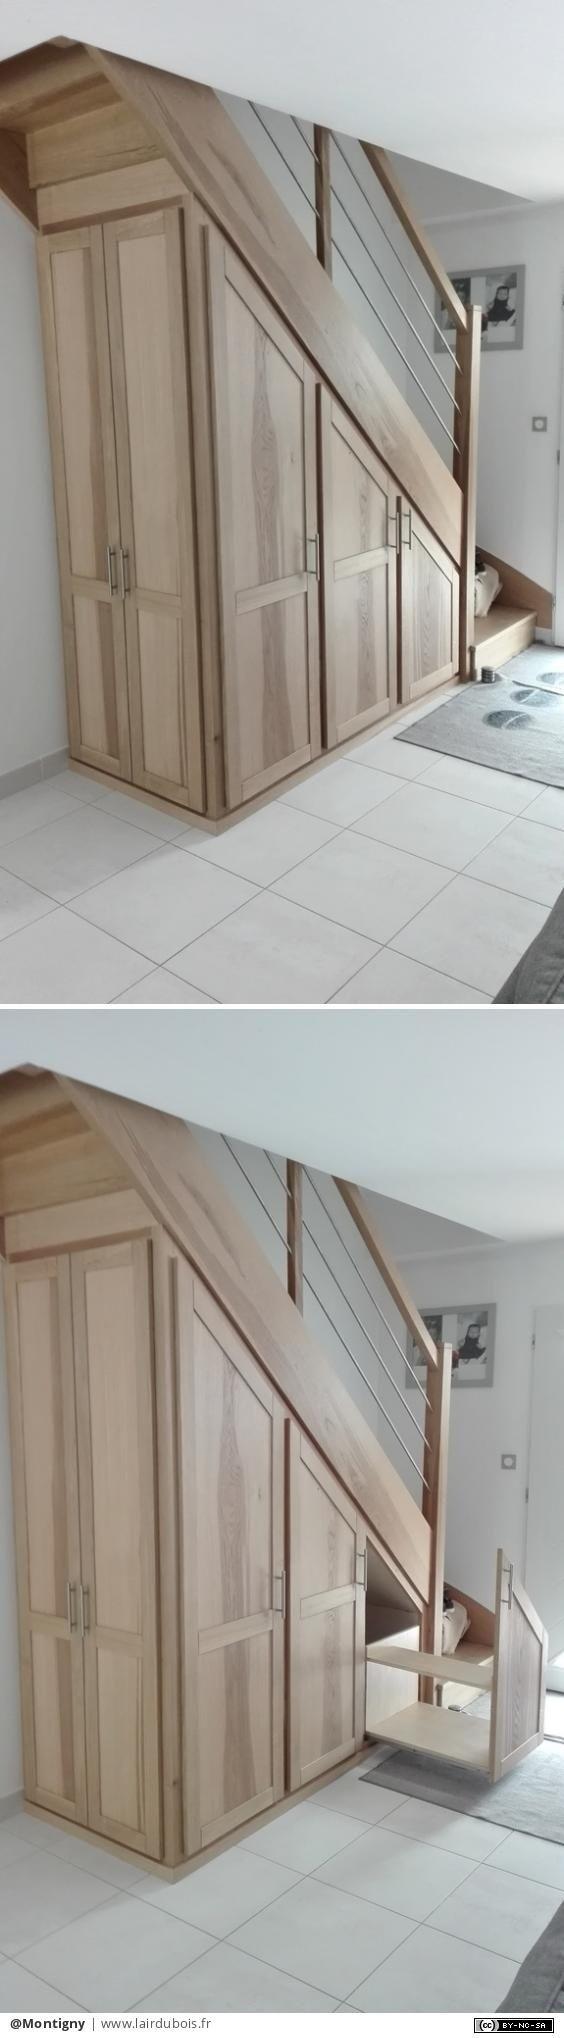 Escalier et placards par Montigny - Escalier en chêne brun et des tubes inox en remplissage  petits placards en dessous avec en bous une penderie au milieu des tablettes et enfin un tiroir à chaussure